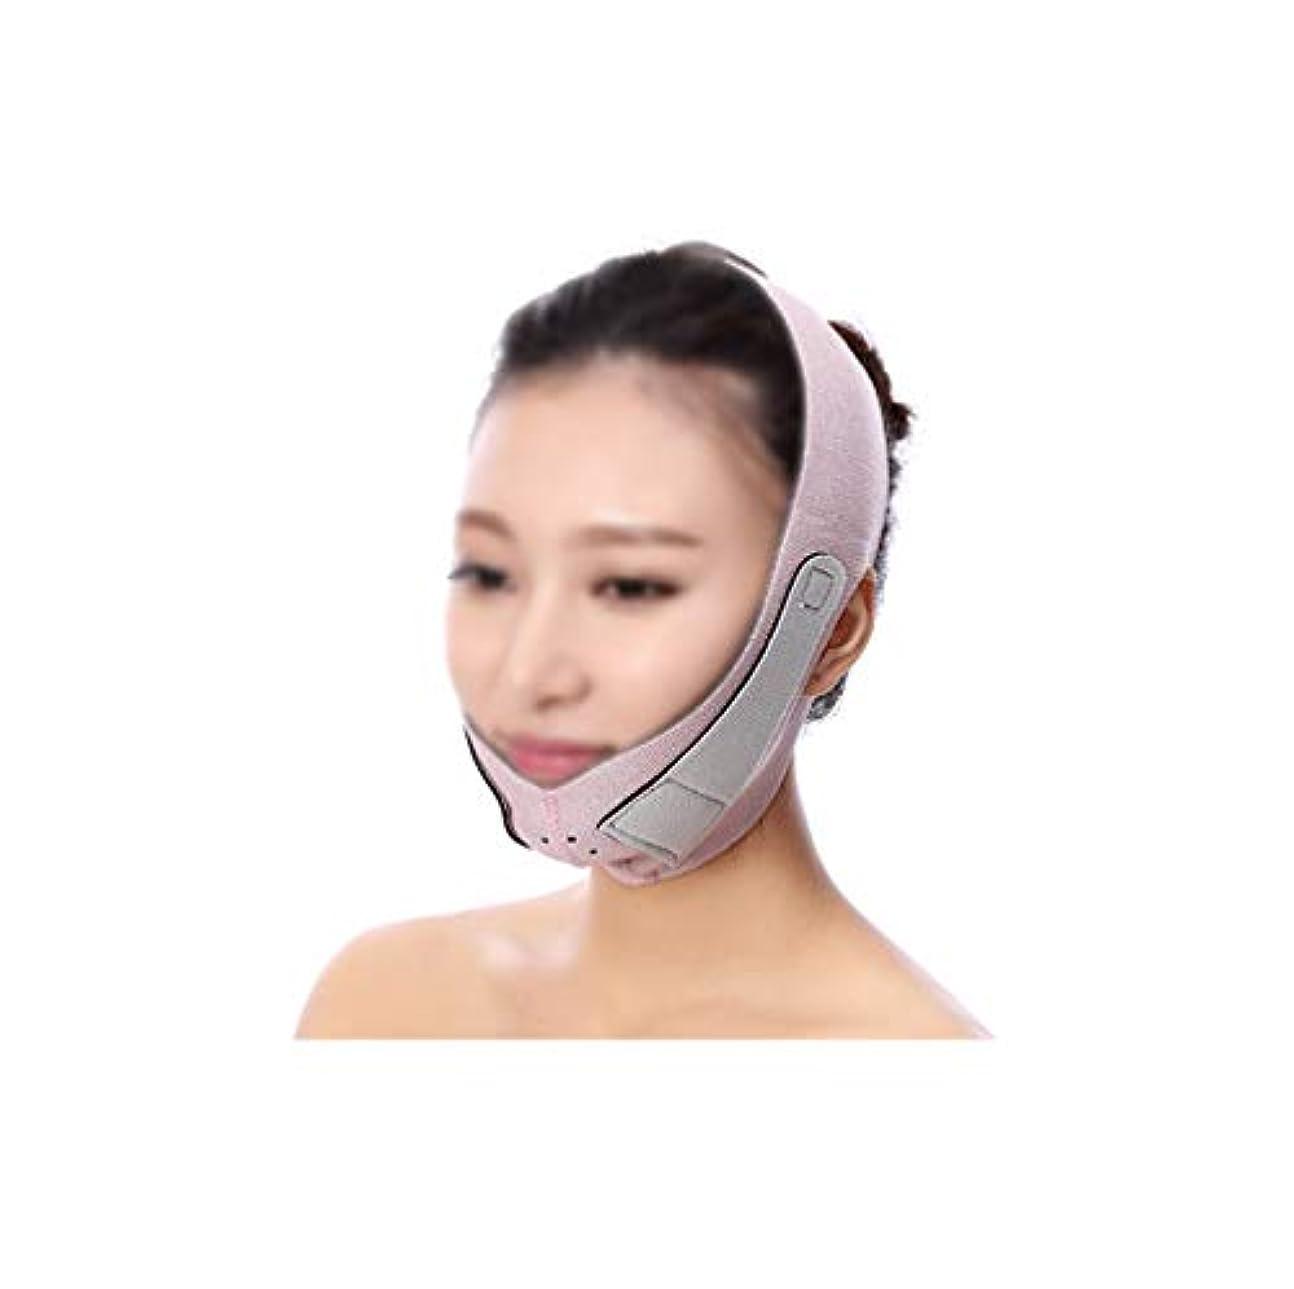 香水サワー有益TLMY 薄い顔マスクあごストラップ回復包帯小さなV顔薄い顔アーティファクト睡眠強力なマスクフェイスリフティング包帯フェイシャルリフティングダブルチンリフティング引き締め 顔用整形マスク